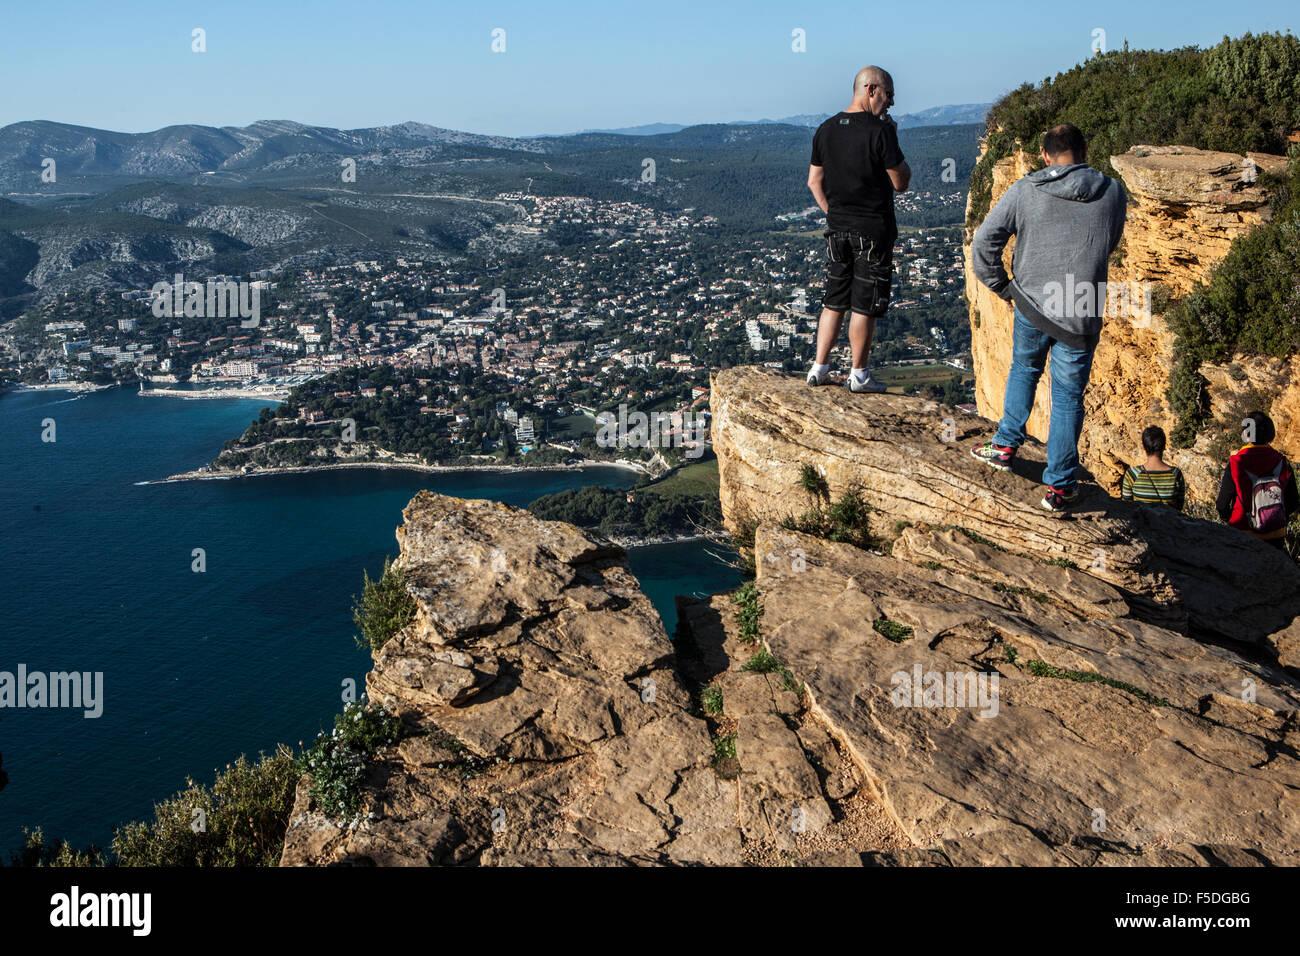 Cap canaille cassis bouches du rh ne france stock photo - Office du tourisme des bouches du rhone ...